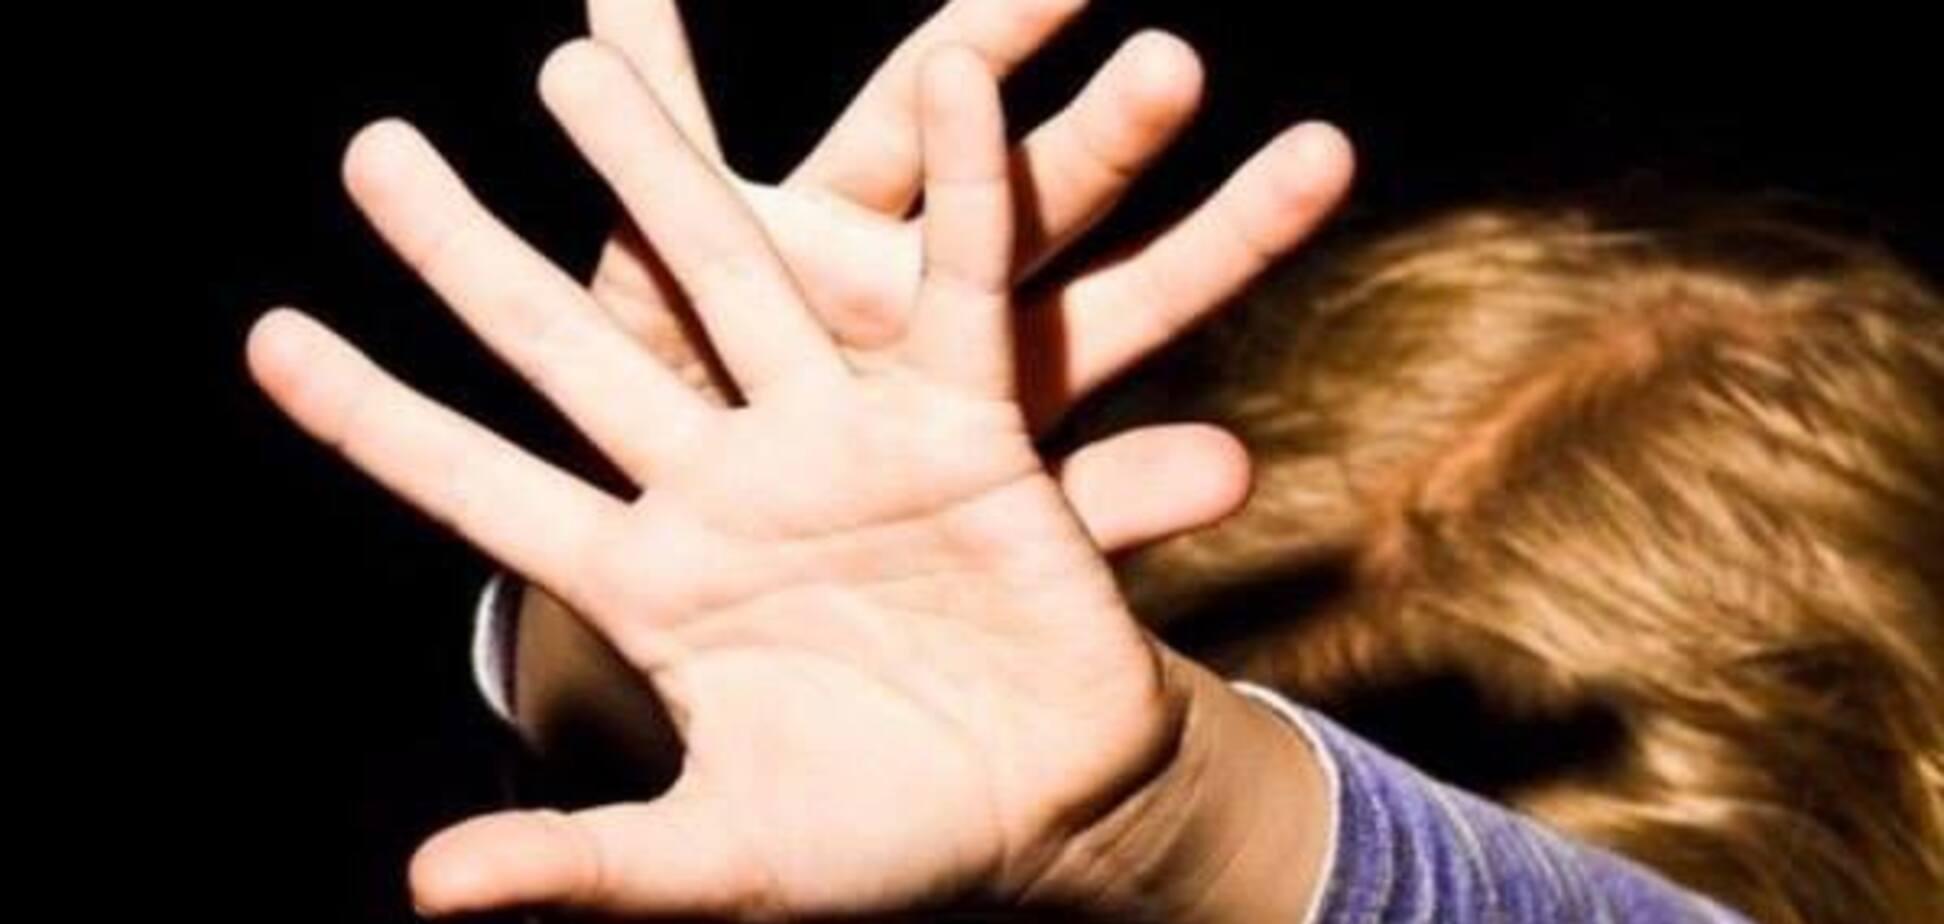 Хвастался и публиковал в сети: задержан педофил, насиловавший 2-летнего ребенка